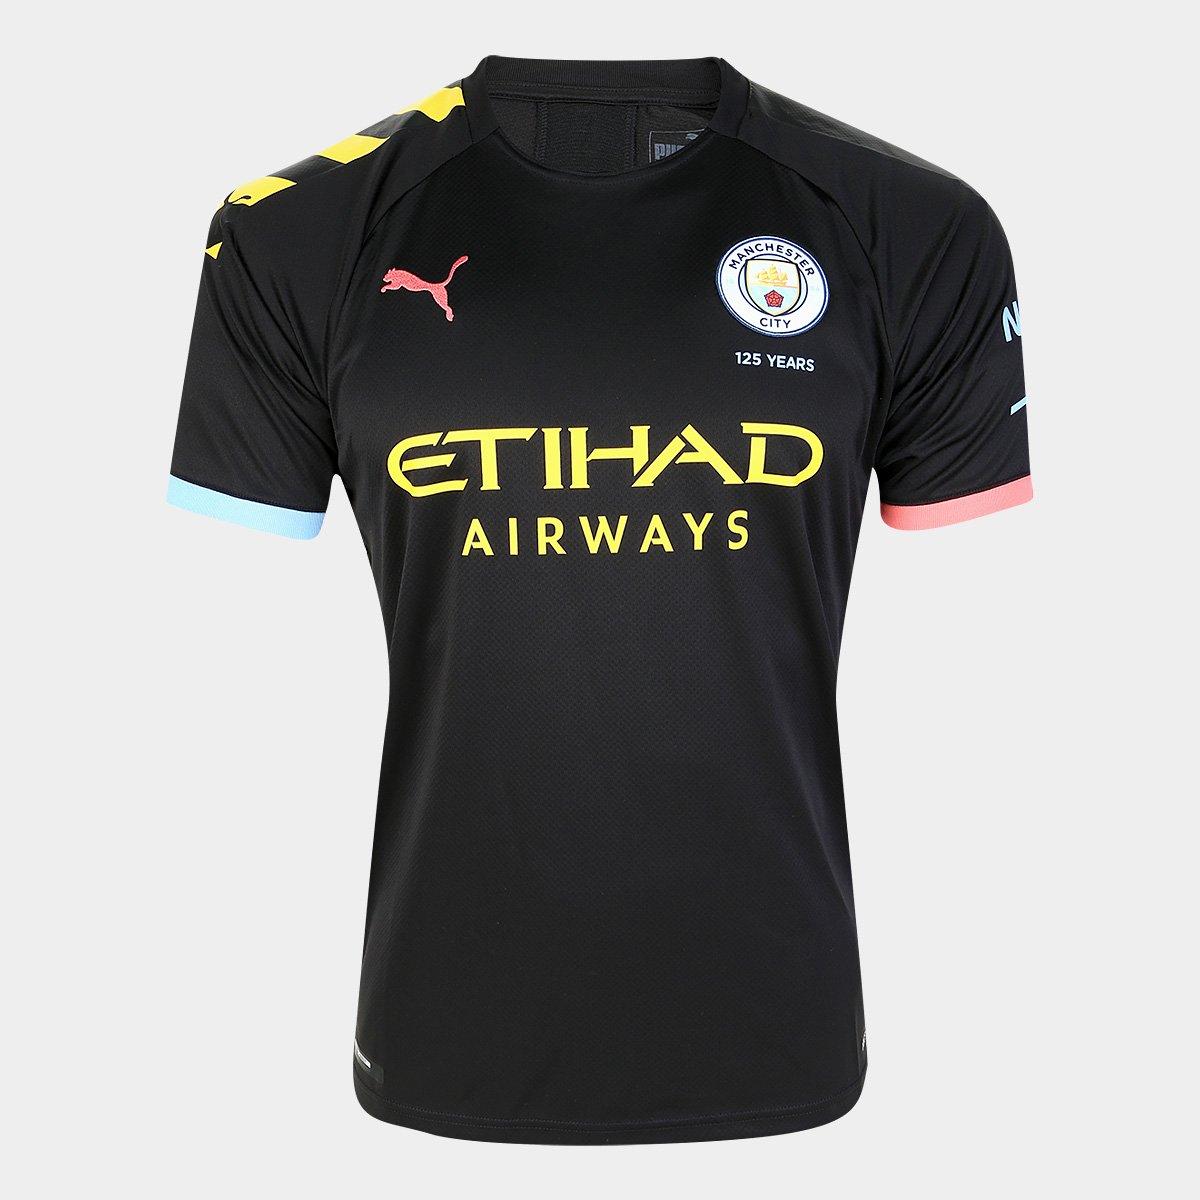 En Vivo Limpia el cuarto nosotros  Camisa Manchester City Away 19/20 s/n° - Torcedor Puma - Preto e Laranja |  Netshoes